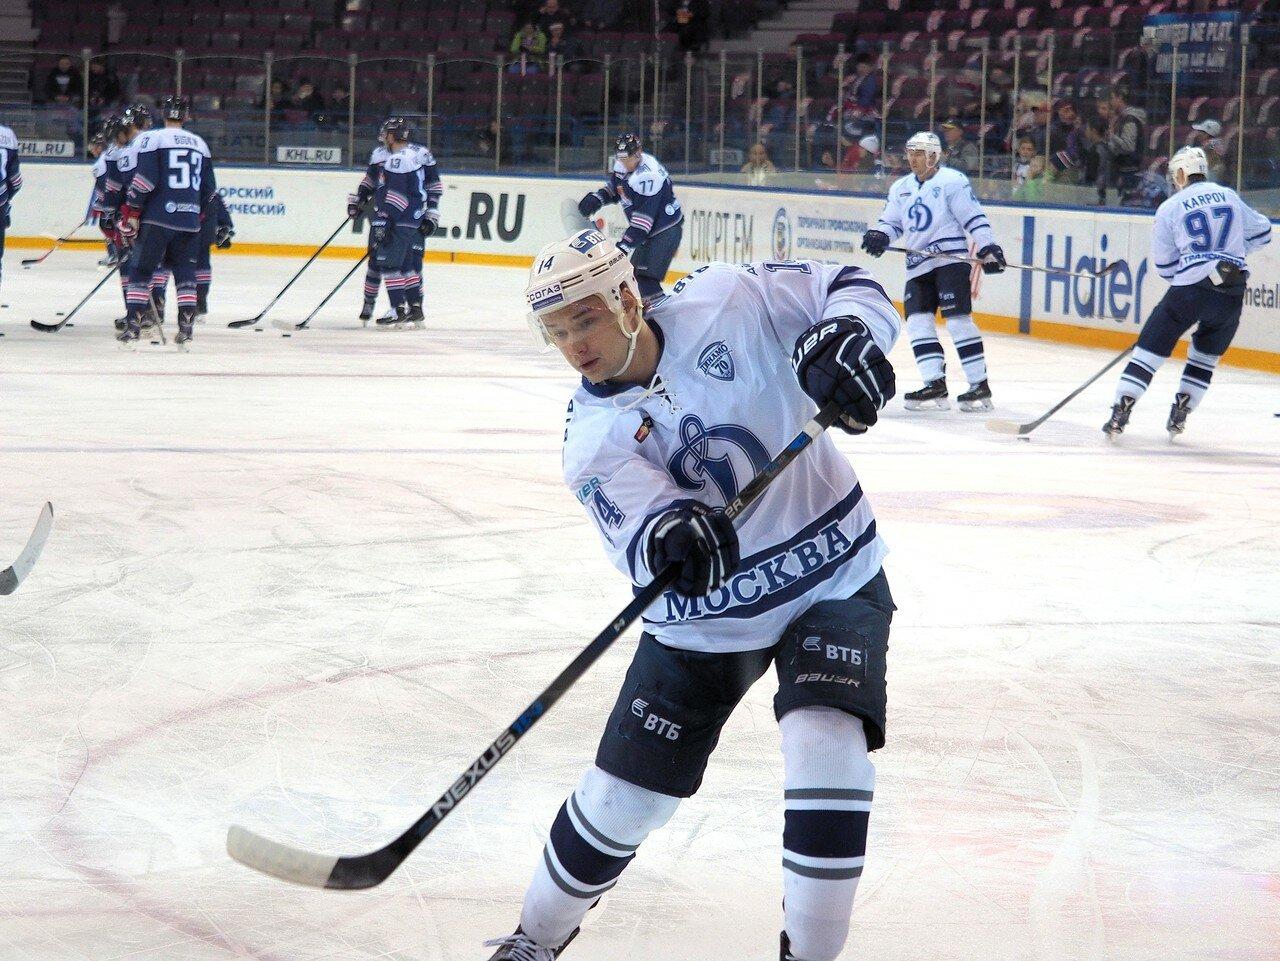 42Металлург - Динамо Москва 21.11.2016